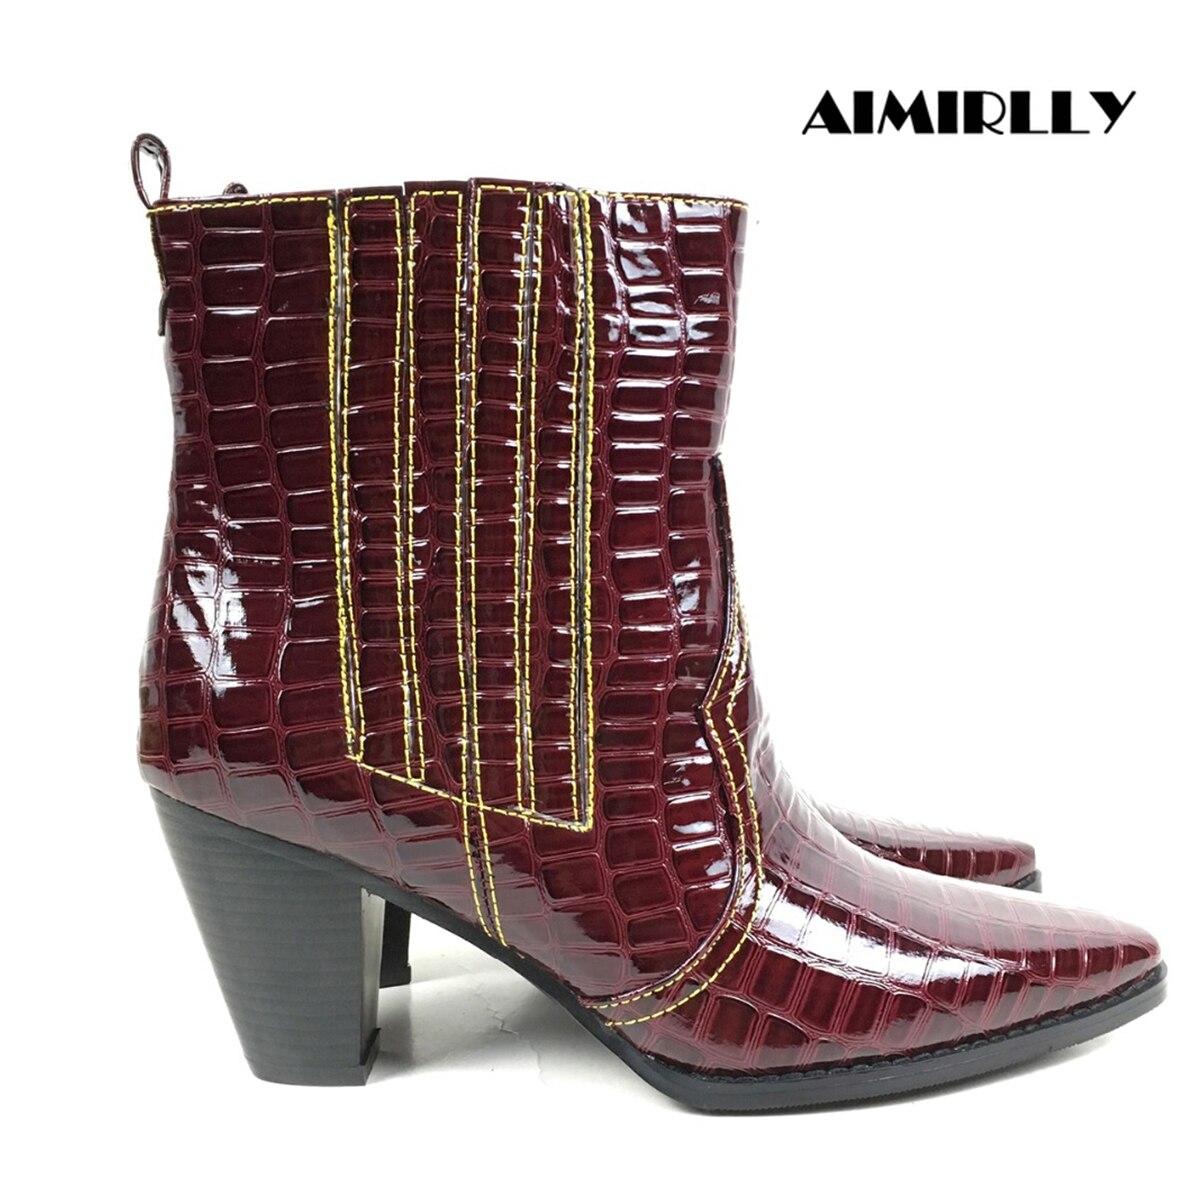 Aimirlly النساء حذاء من الجلد مربع اصبع القدم كتلة كعب التمساح طباعة كاوبوي الجوارب النبيذ الأحمر الشتاء الخريف Clubwear أحذية الحفلات-في أحذية الكاحل من أحذية على  مجموعة 1